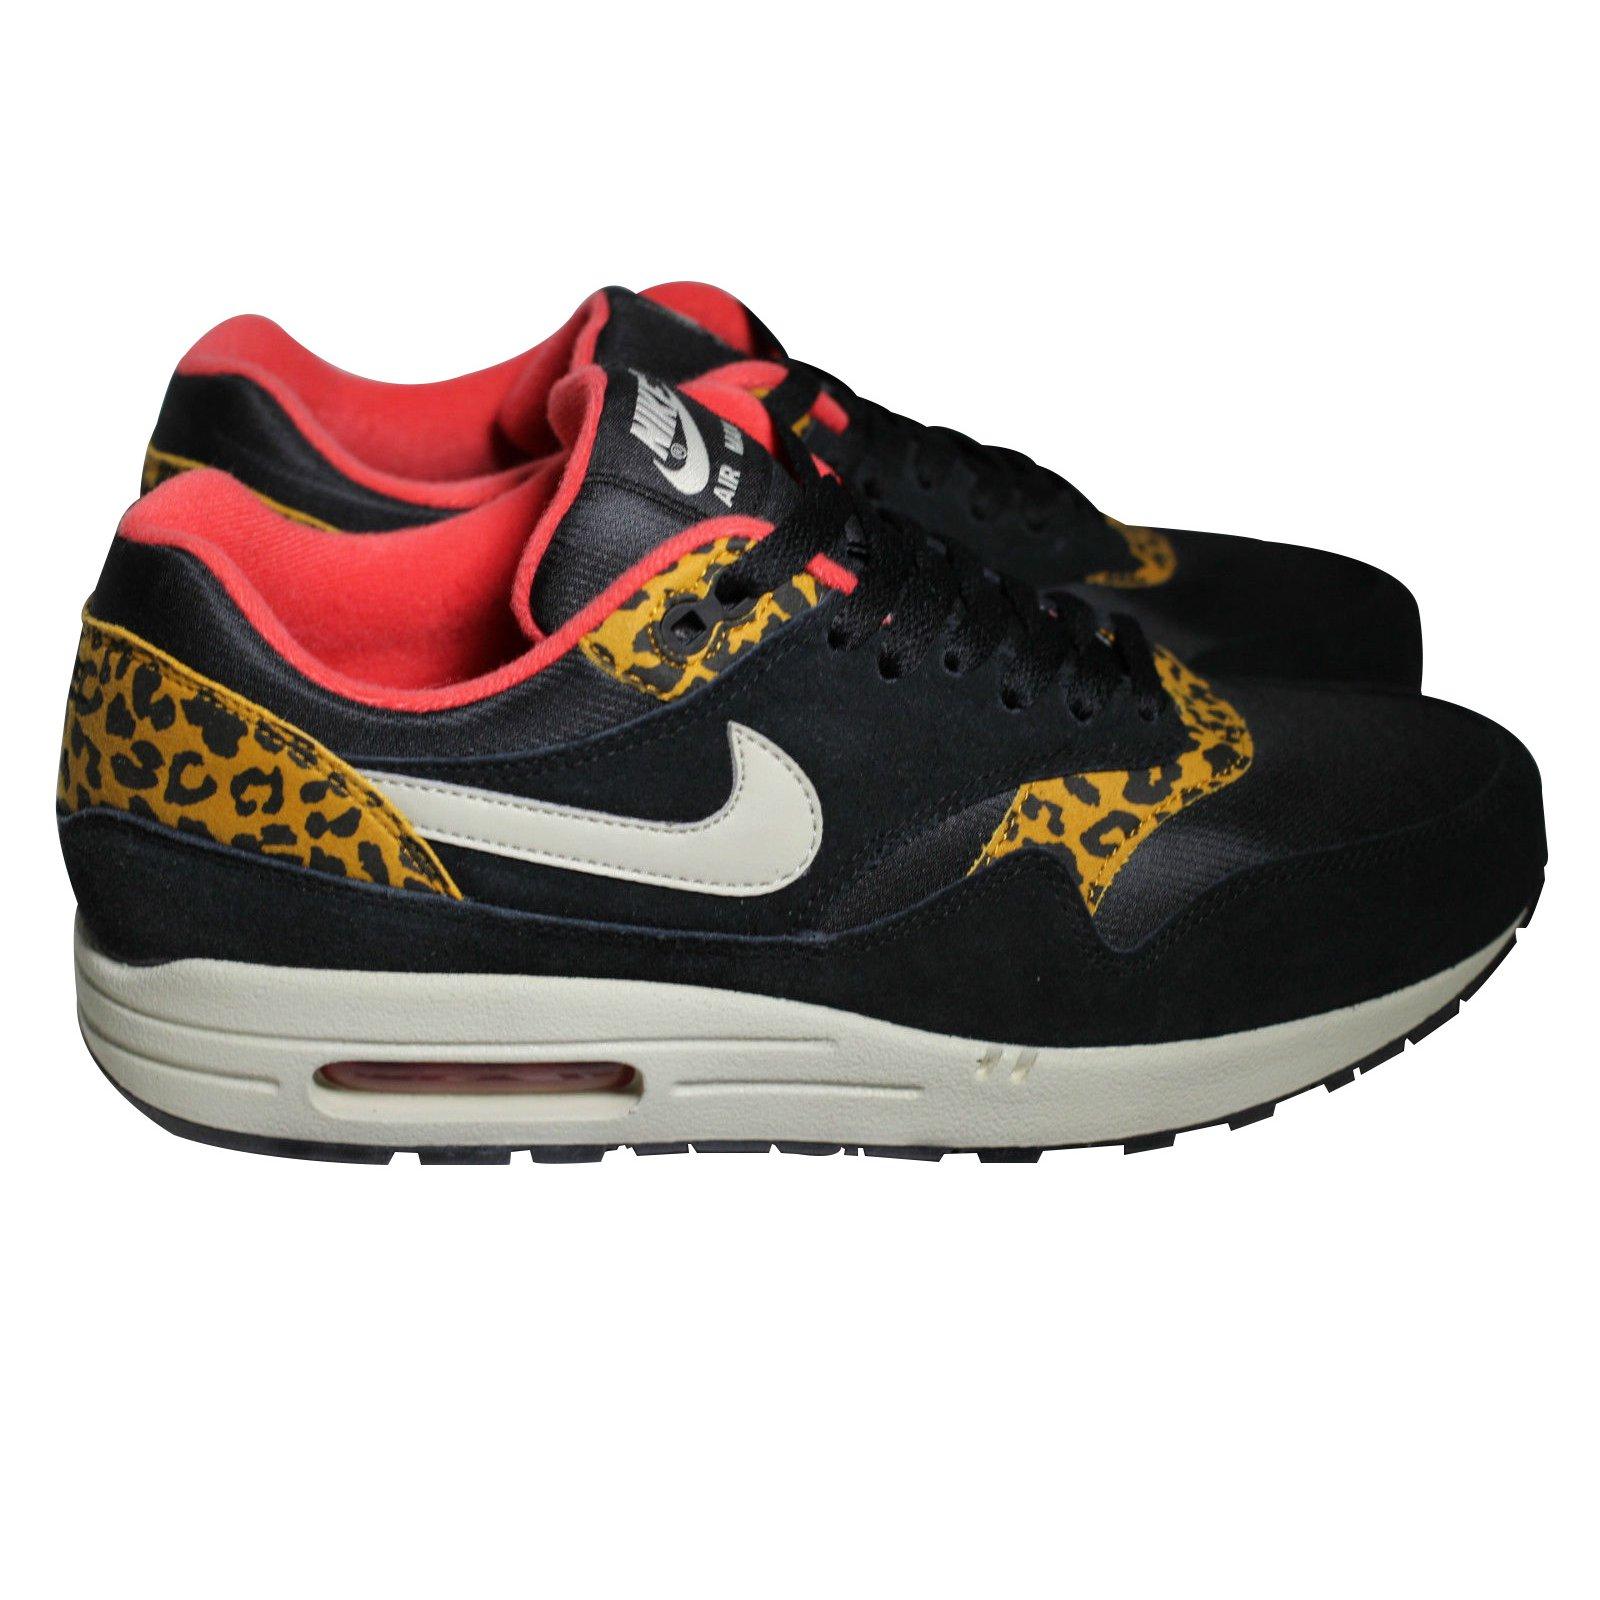 Nike Sneakers Sneakers Suede Leopard